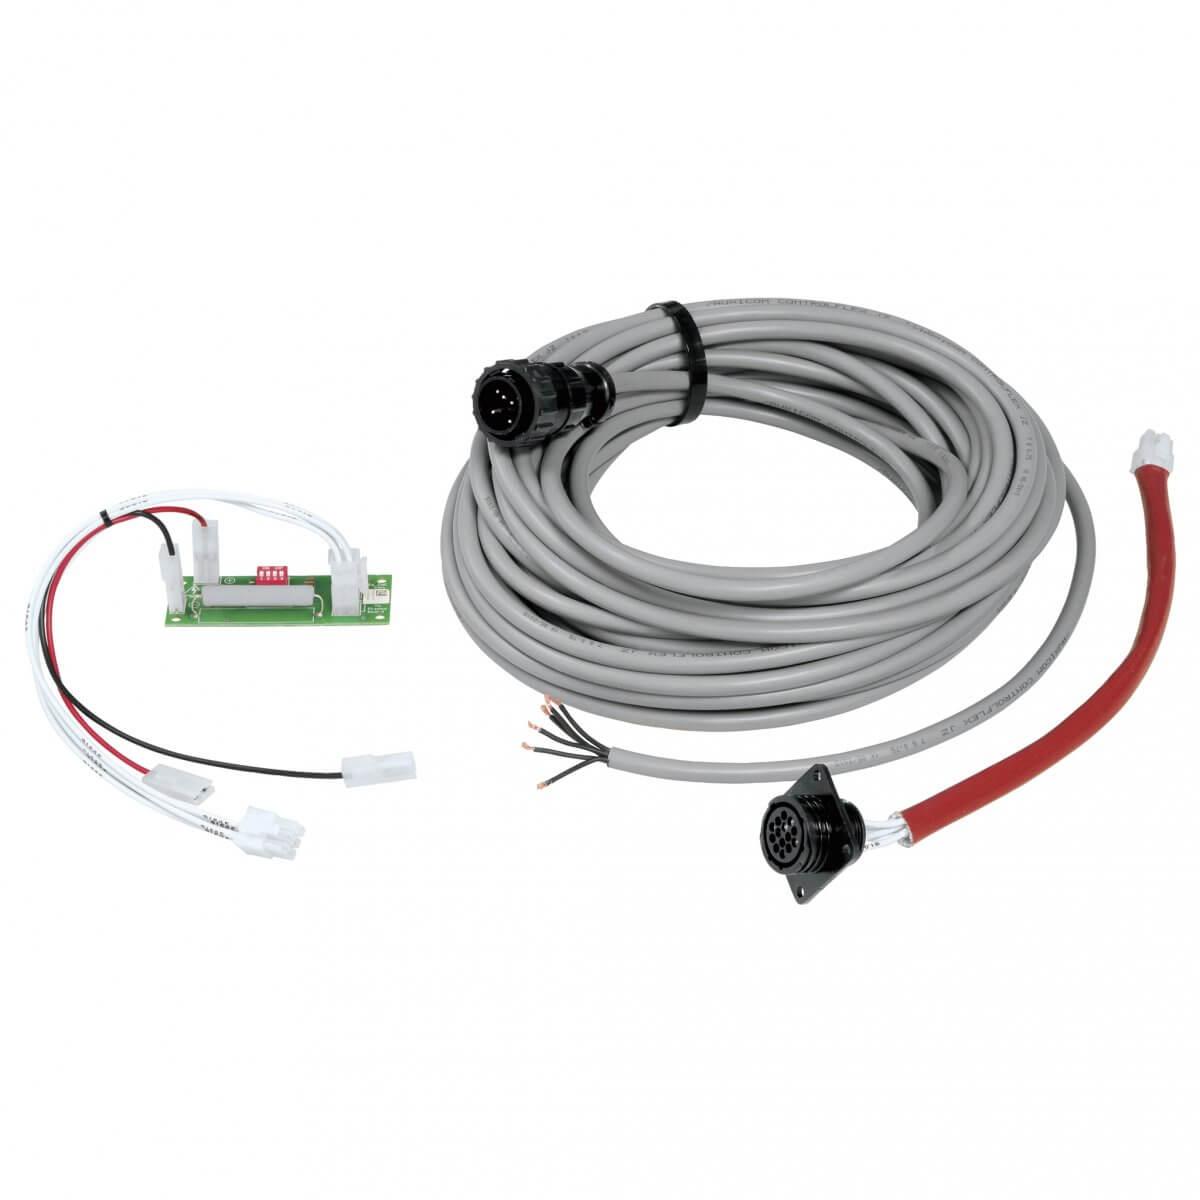 Kit CNC pour torche plasma 45/70/85/125A - GYS